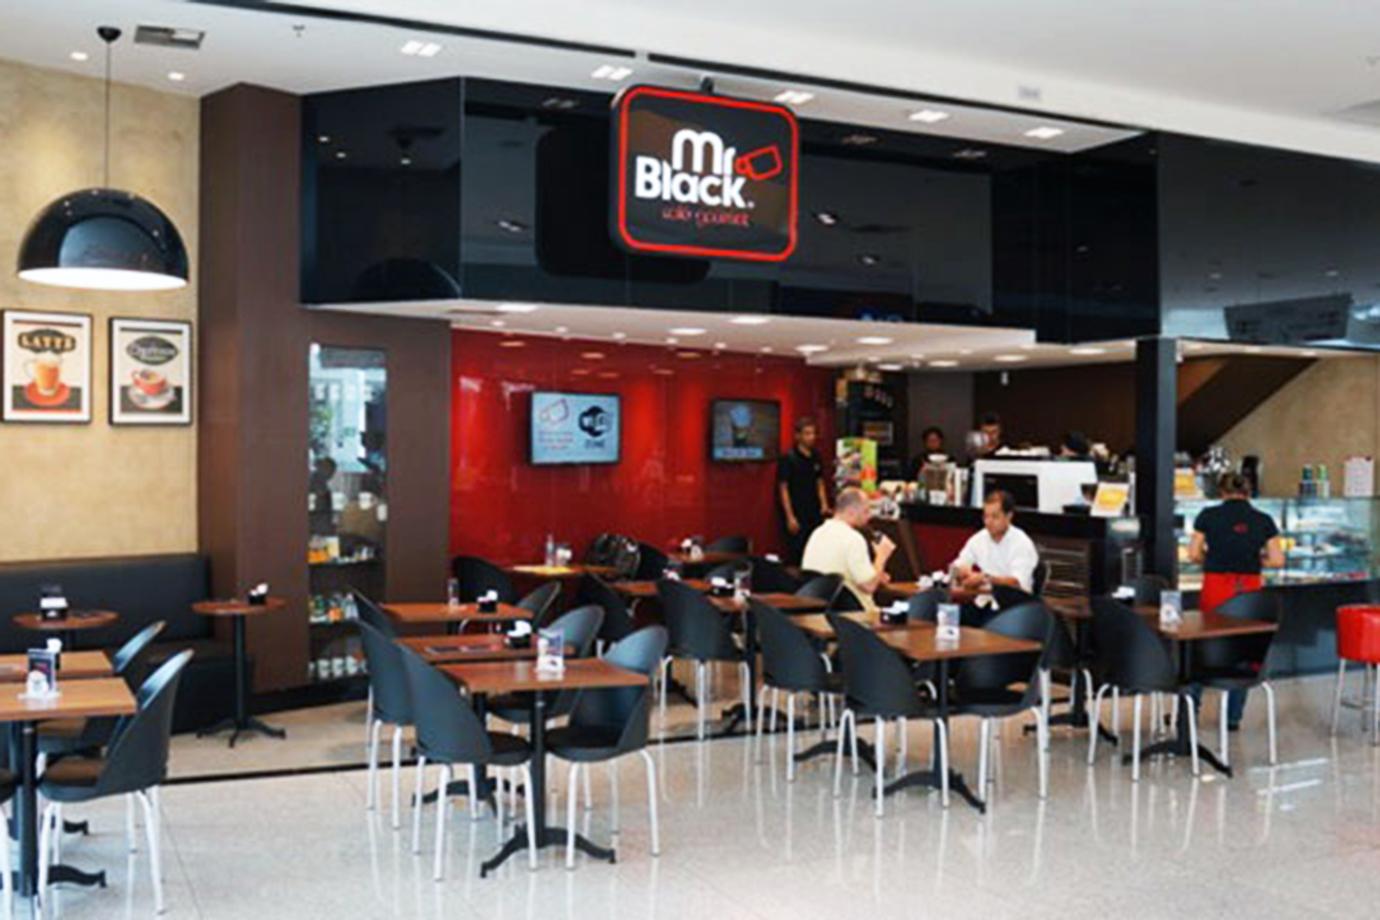 Mr. Black Café Gourmet